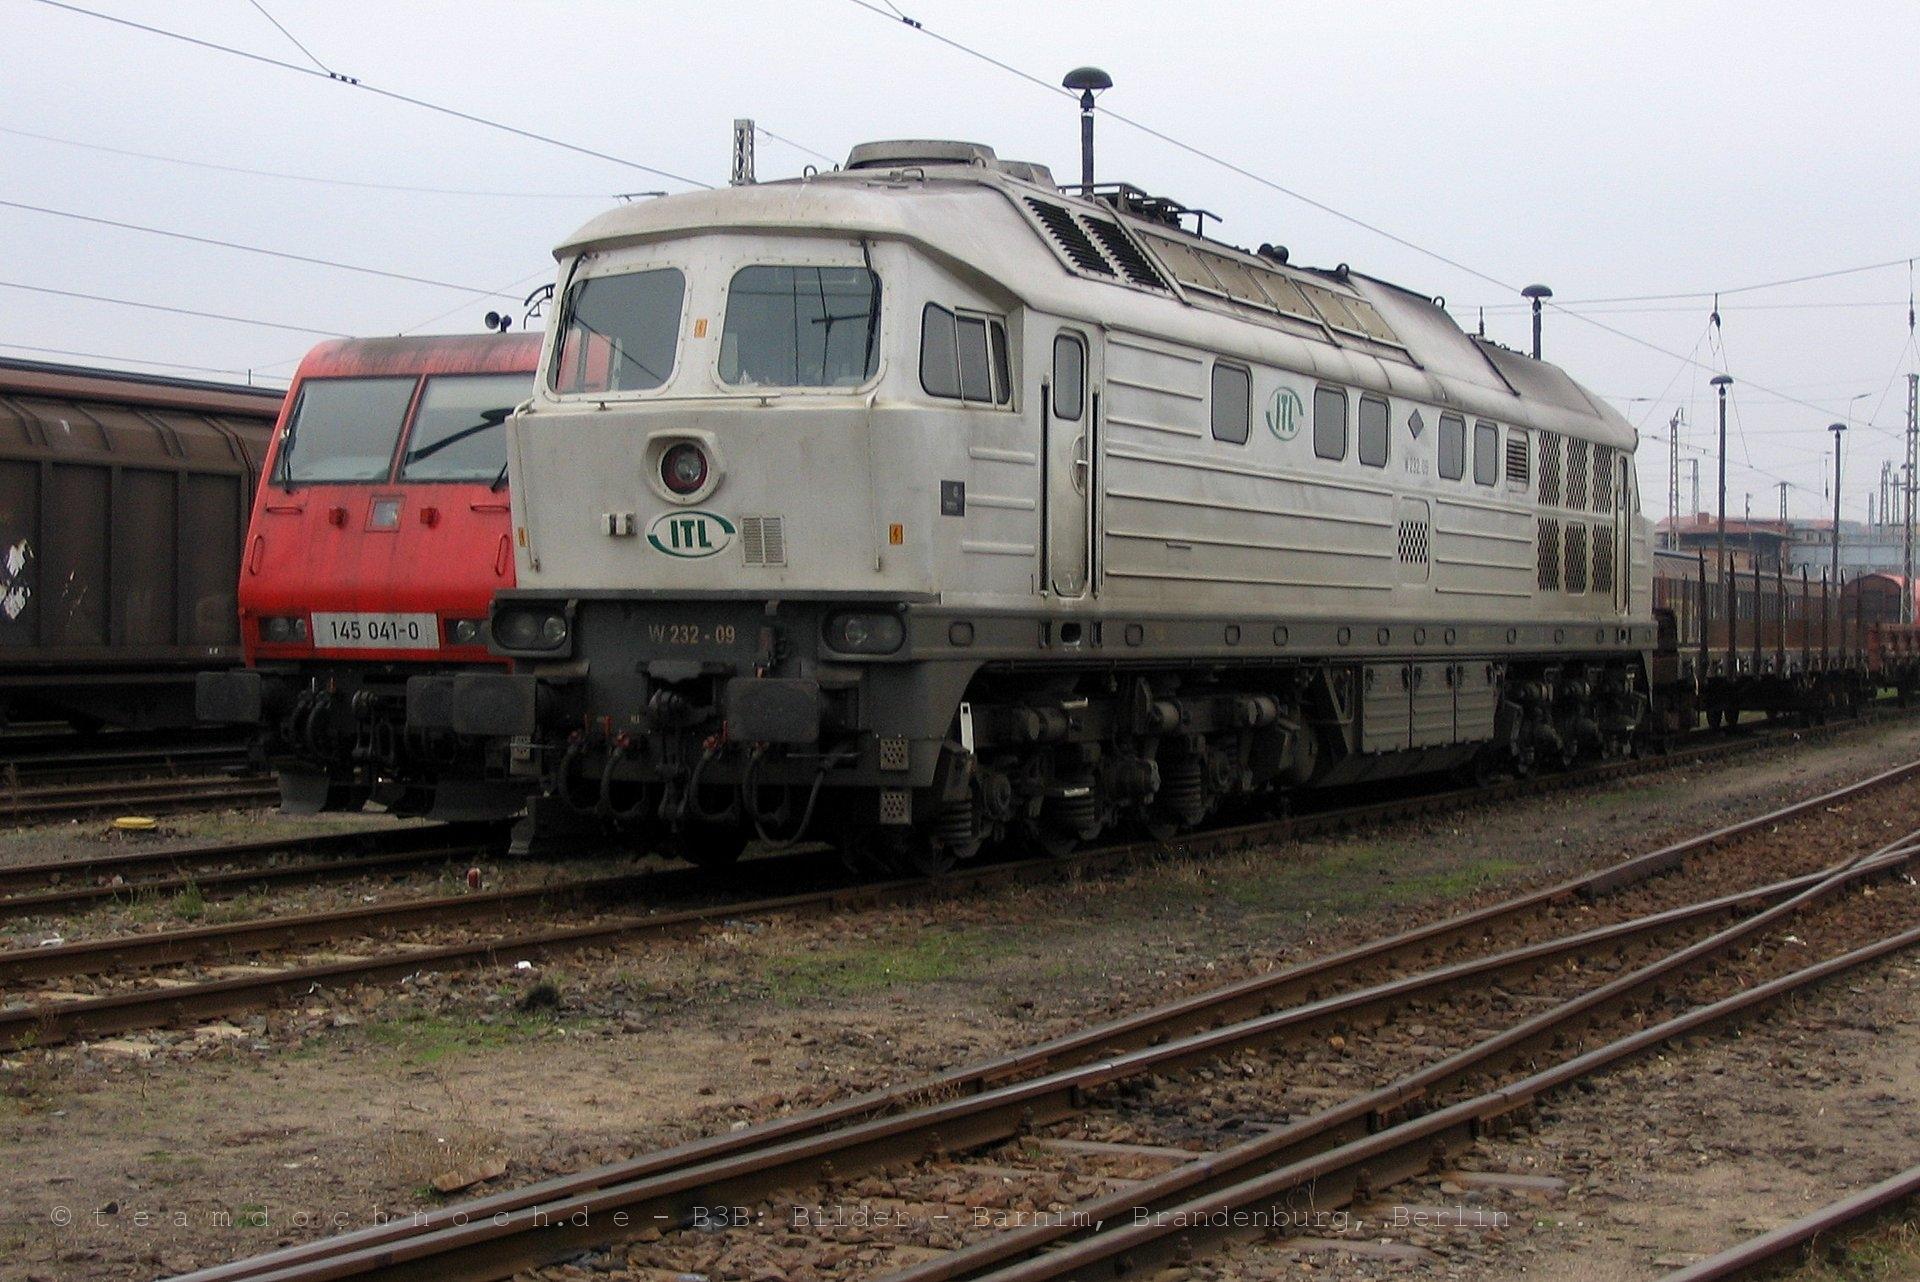 ITL W232-09 in Eberswalde